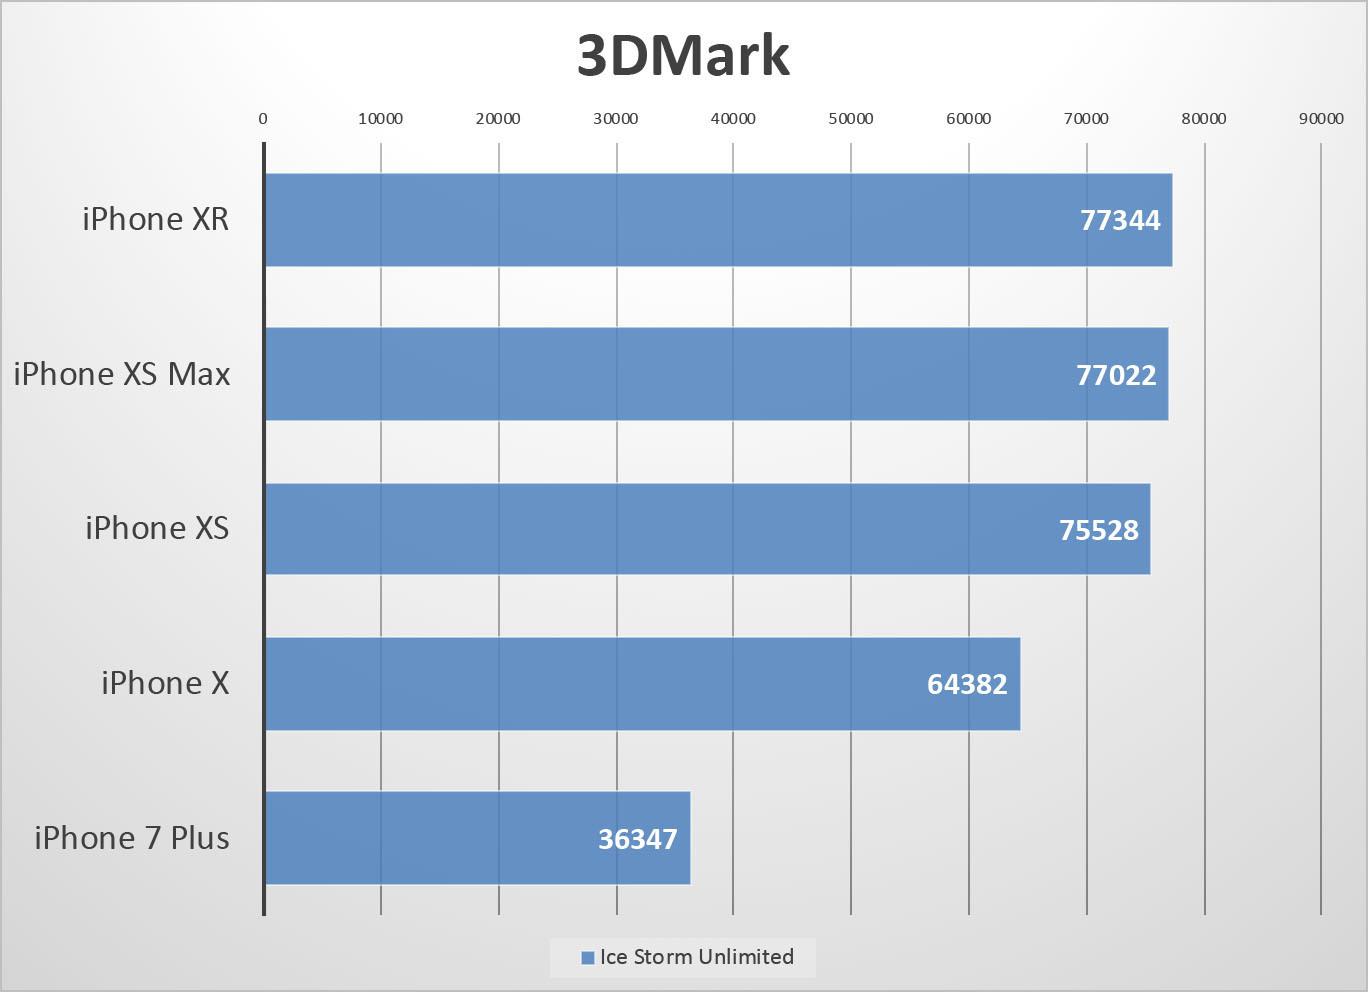 더 단순한 저해상도의 3D 테스트에서는 A12를 탑재한 제품들이 A11보다 월등히 높은 성능을 보여주었다.